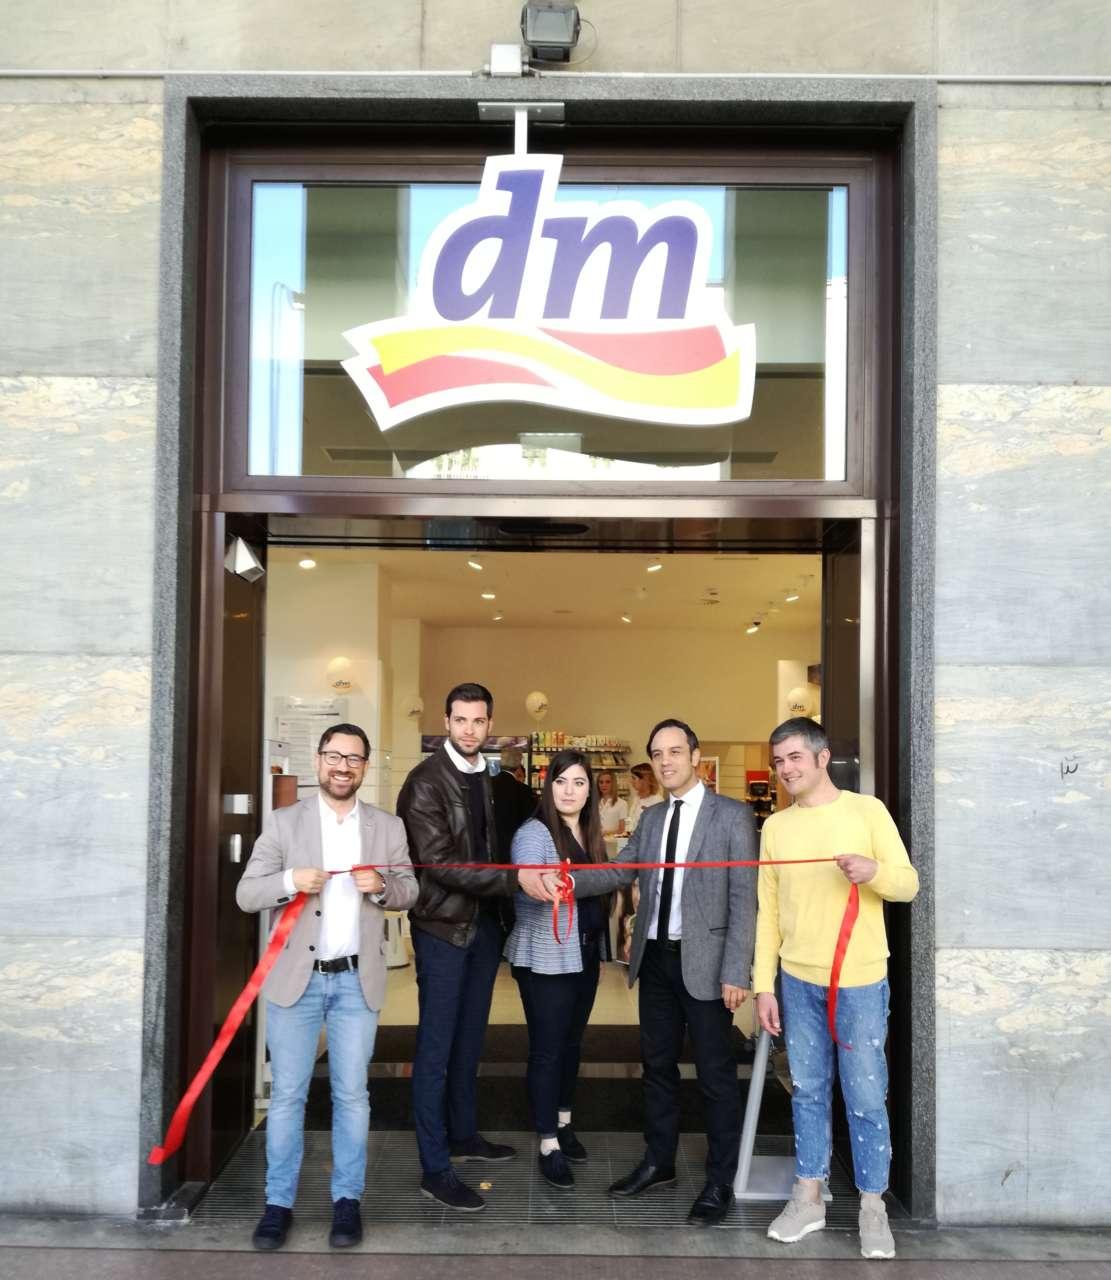 Dm Inaugura Il Secondo Punto Di Vendita A Milano Gdoweek